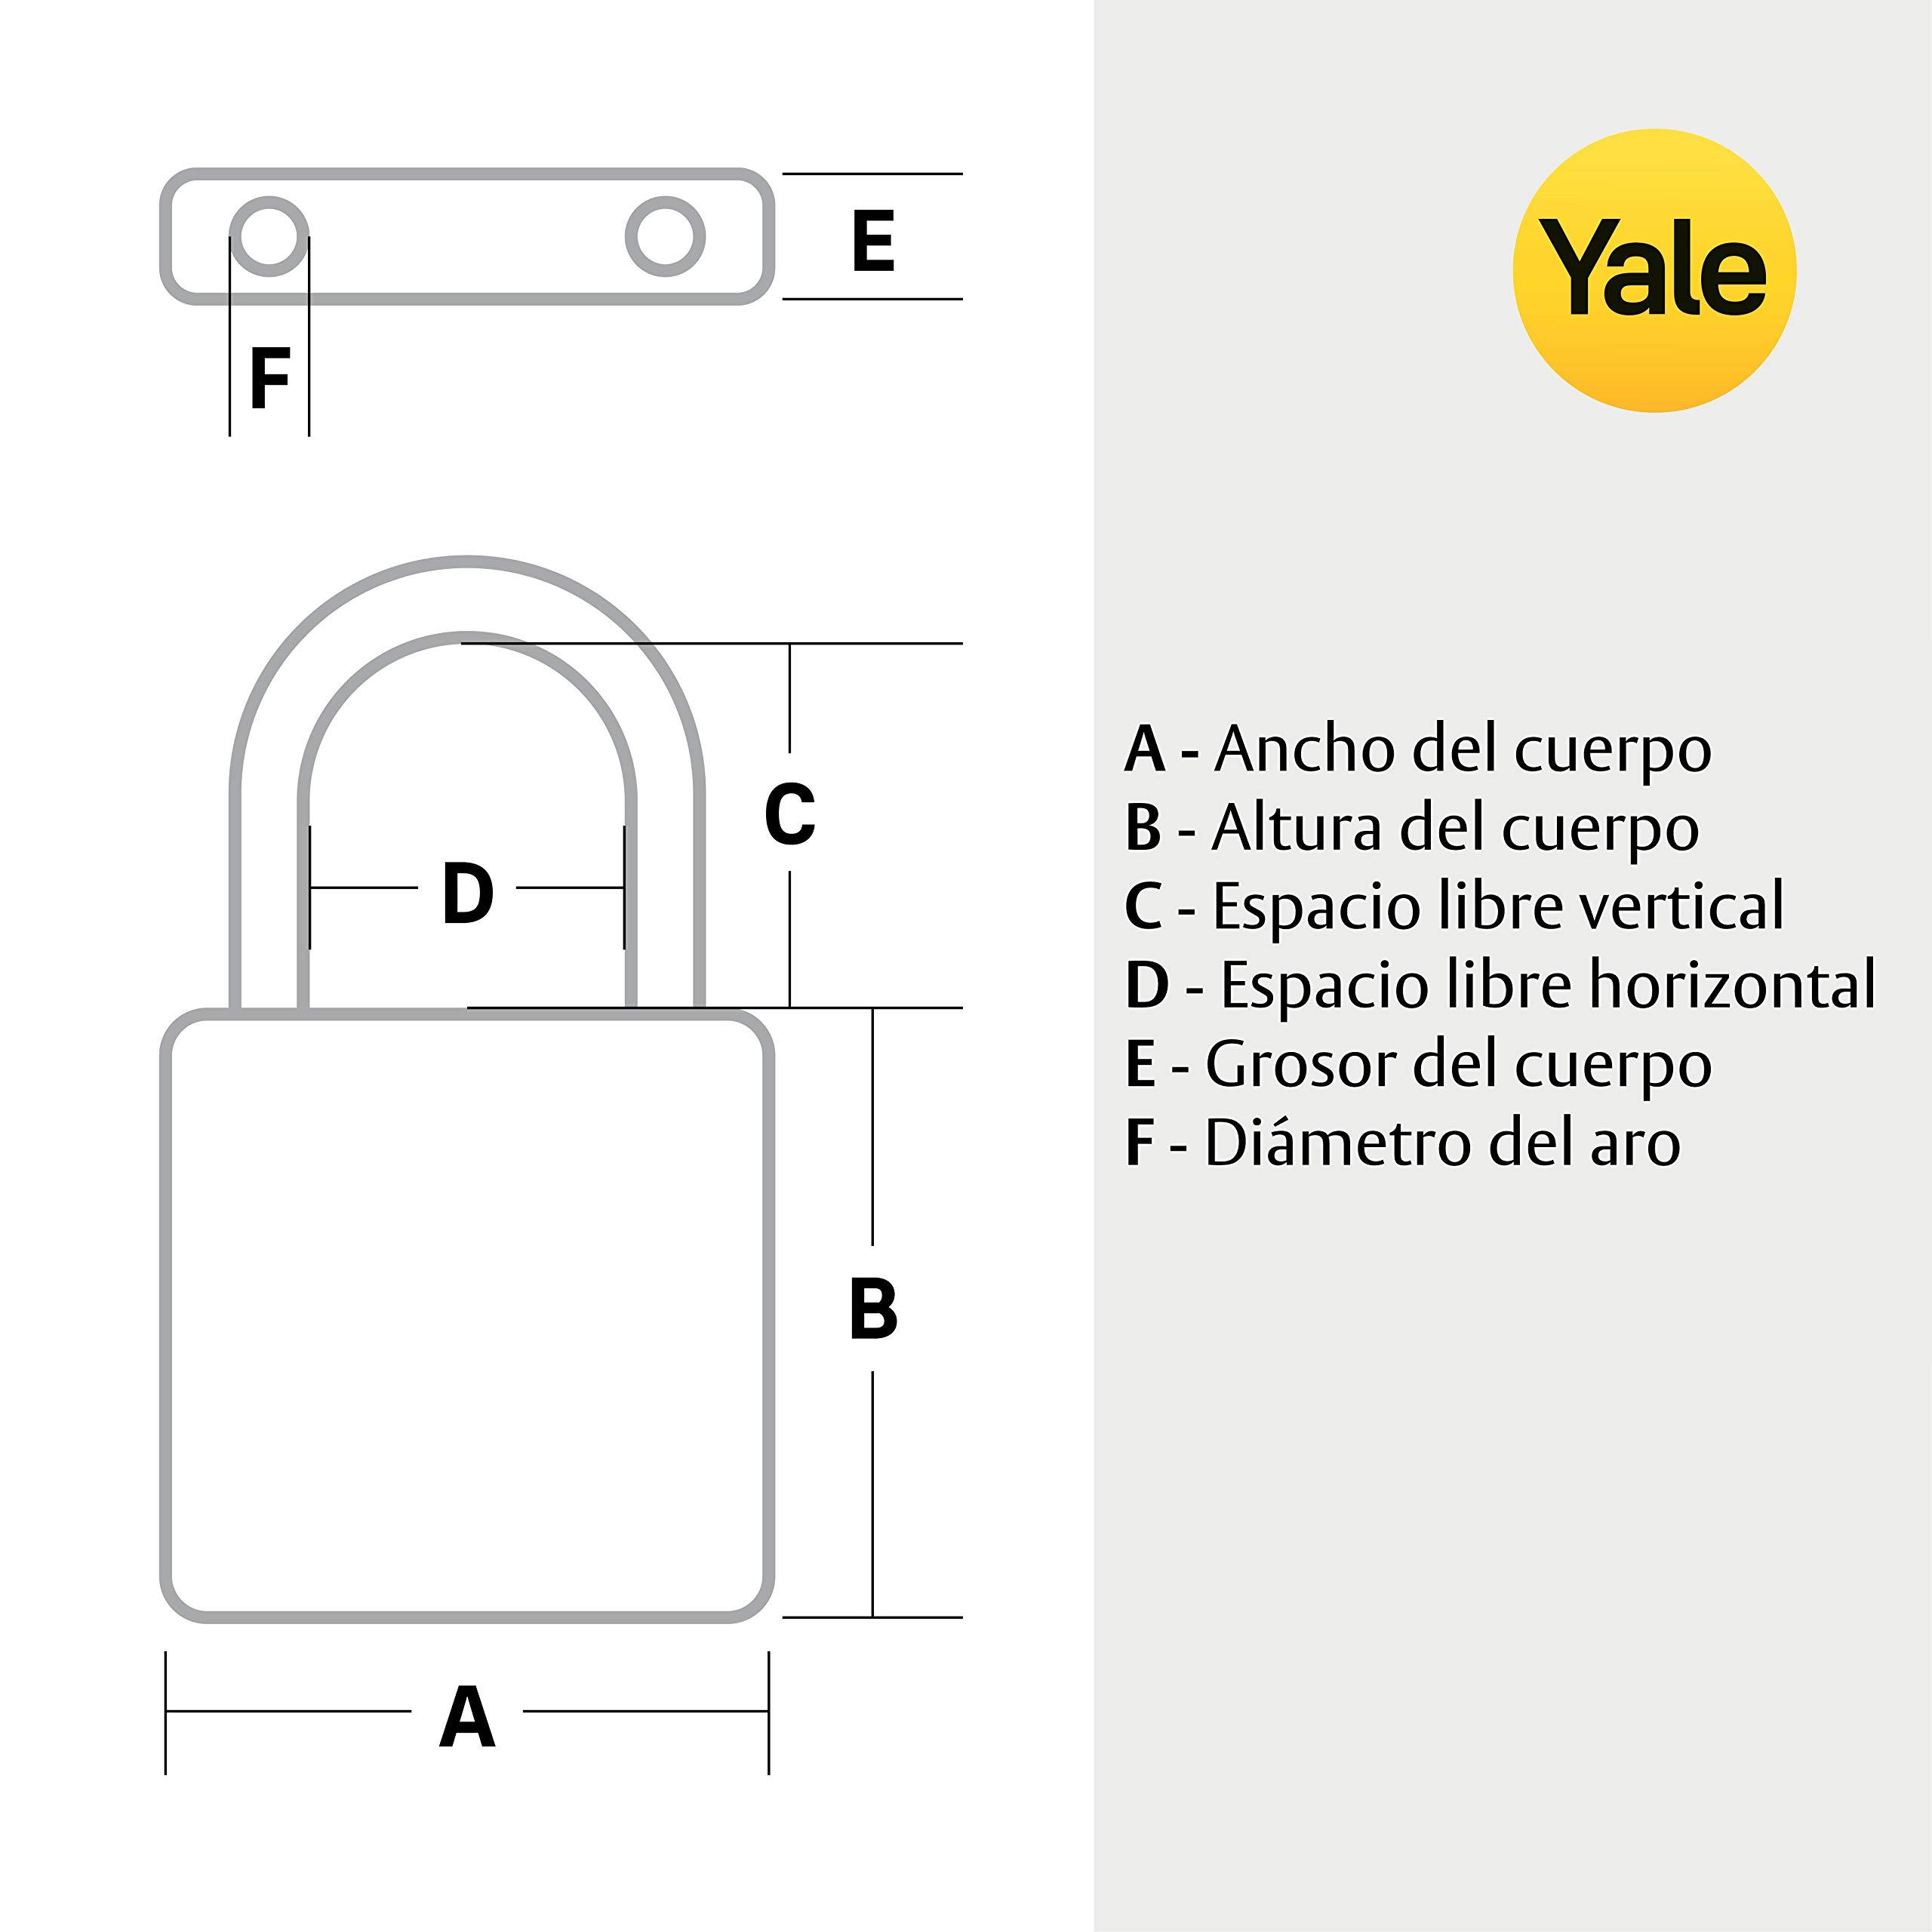 Yale Y90S/45/129/1 Candado de Seguridad, 45 mm: Amazon.es: Bricolaje y herramientas